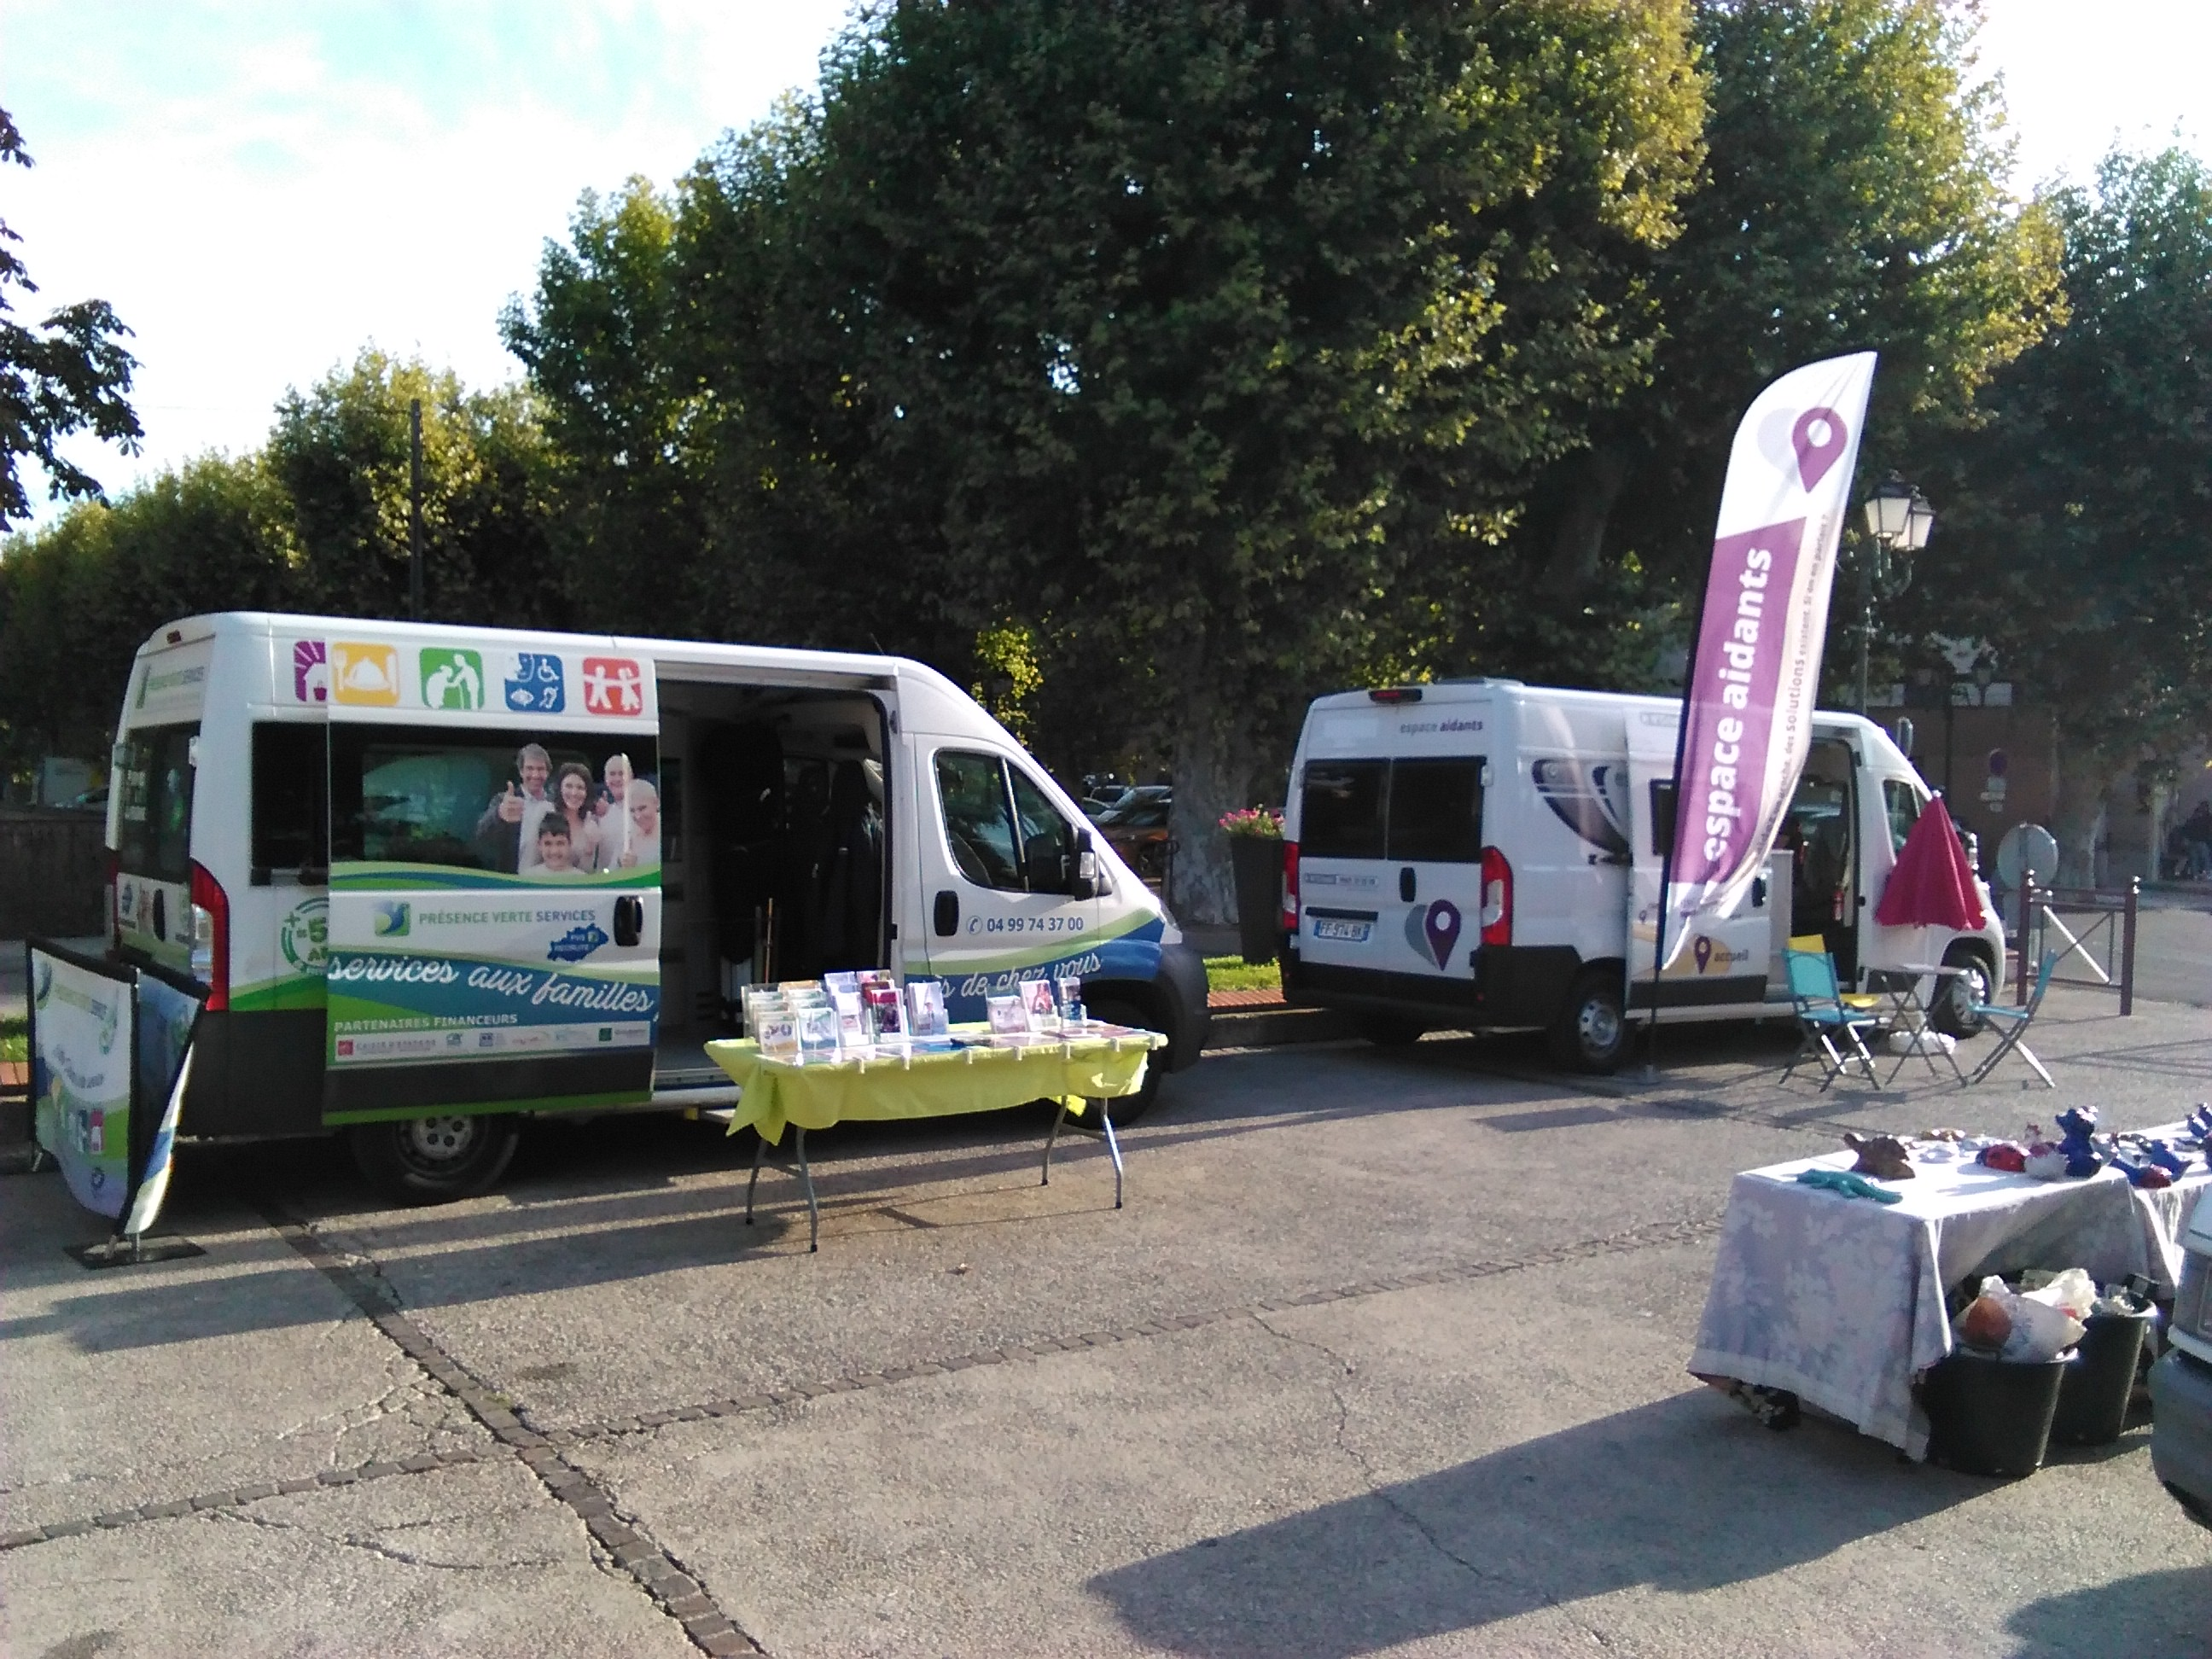 2 bus à Clermont l'Hérault